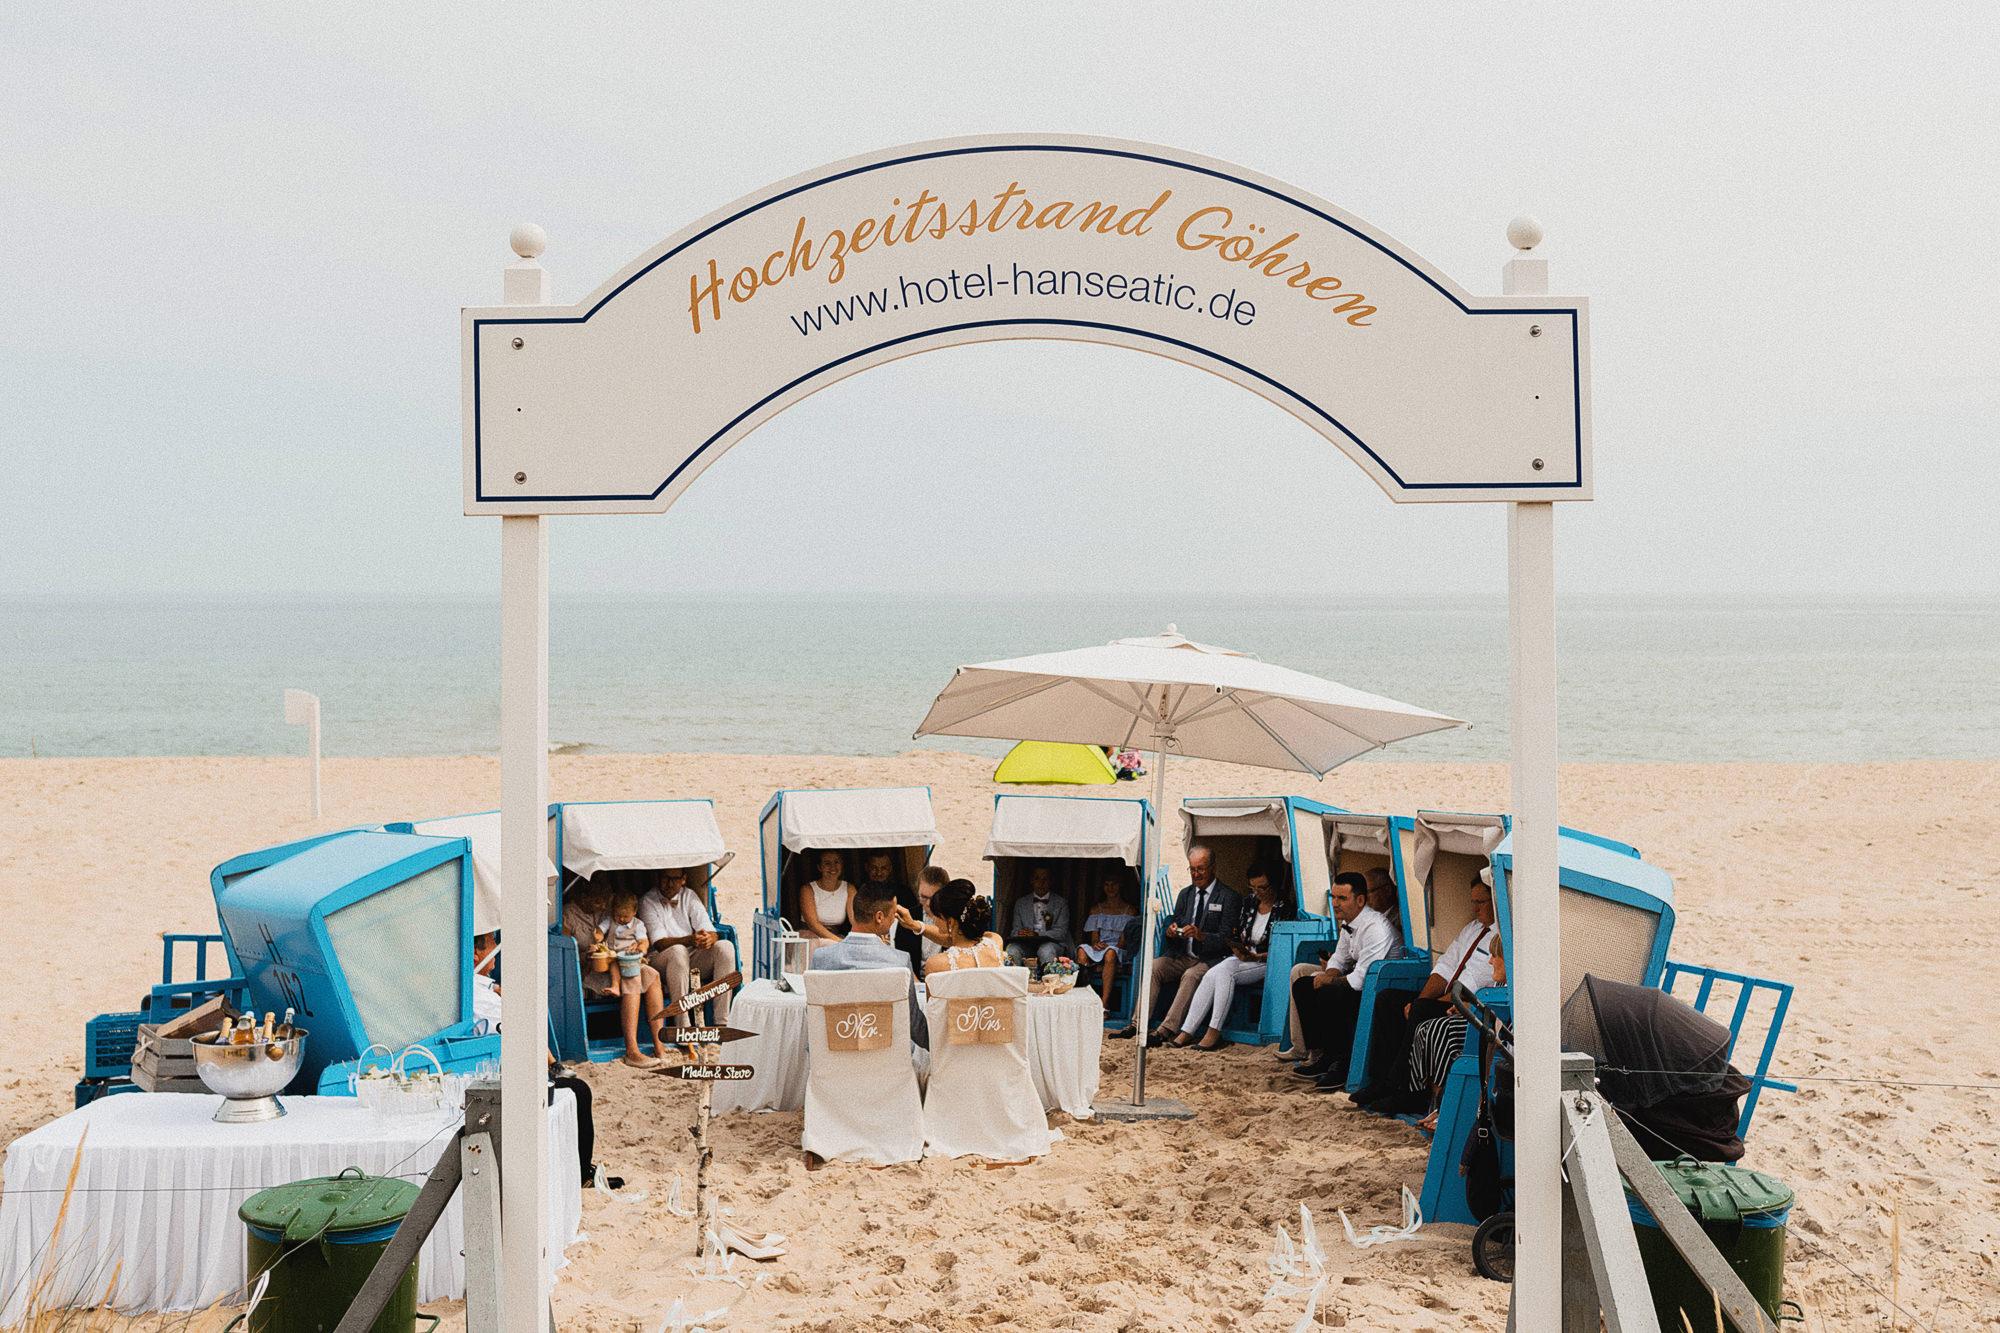 Trauung - Rügen - Hochzeitsfotos - Ostsee - Fotograf - Göhren - Strandhochzeit - freie Trauung - Binz